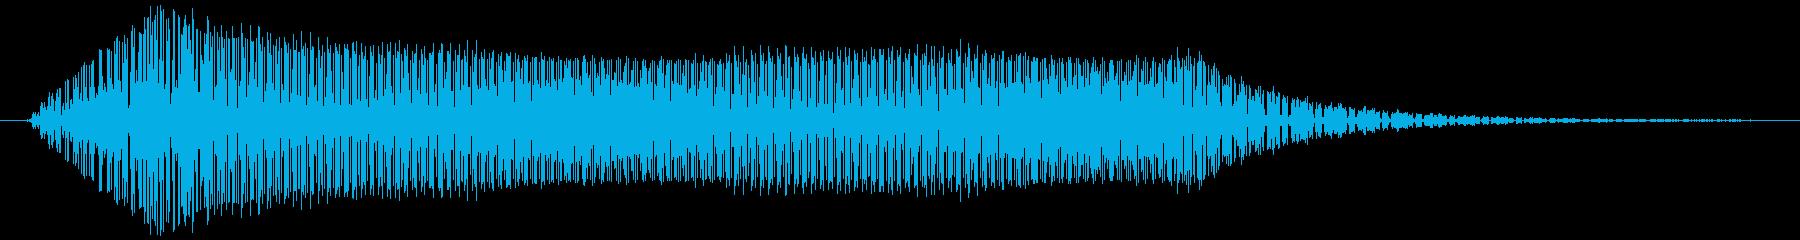 ギュォーン。ロボット・機械動作音(長め)の再生済みの波形